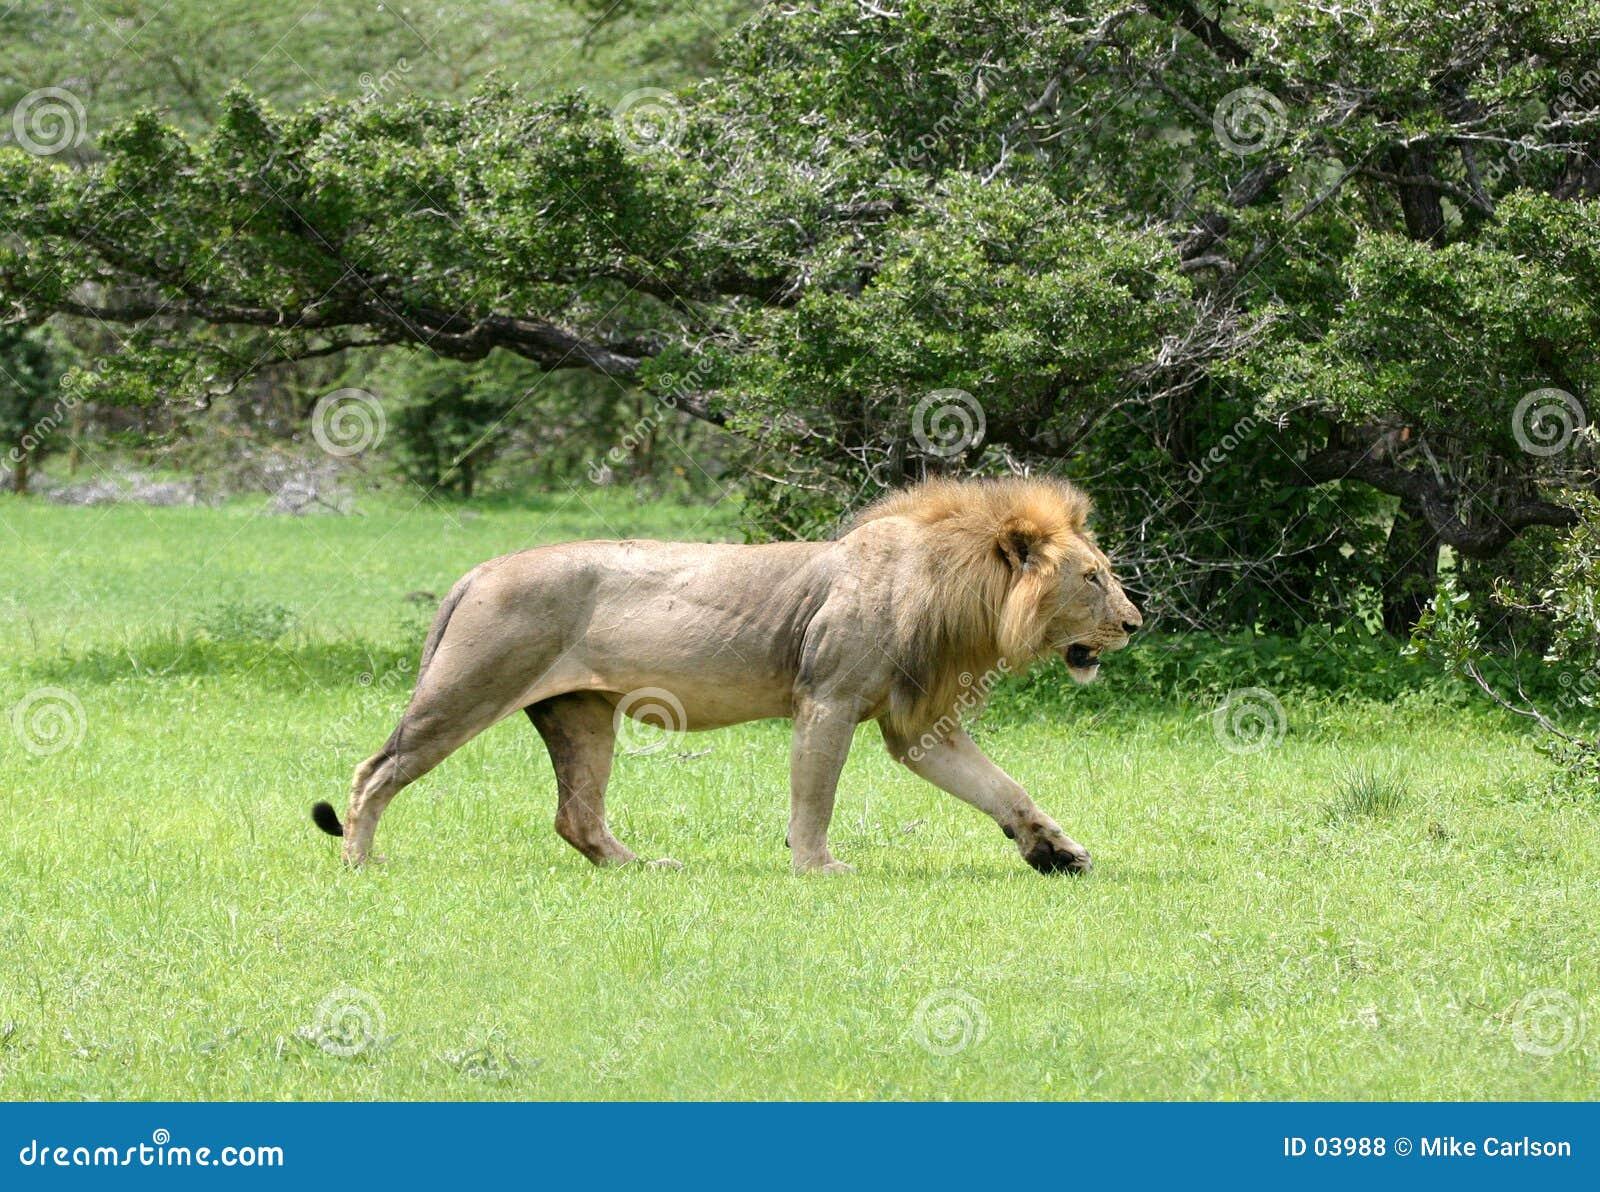 https://thumbs.dreamstime.com/z/lion-walking-03988.jpg